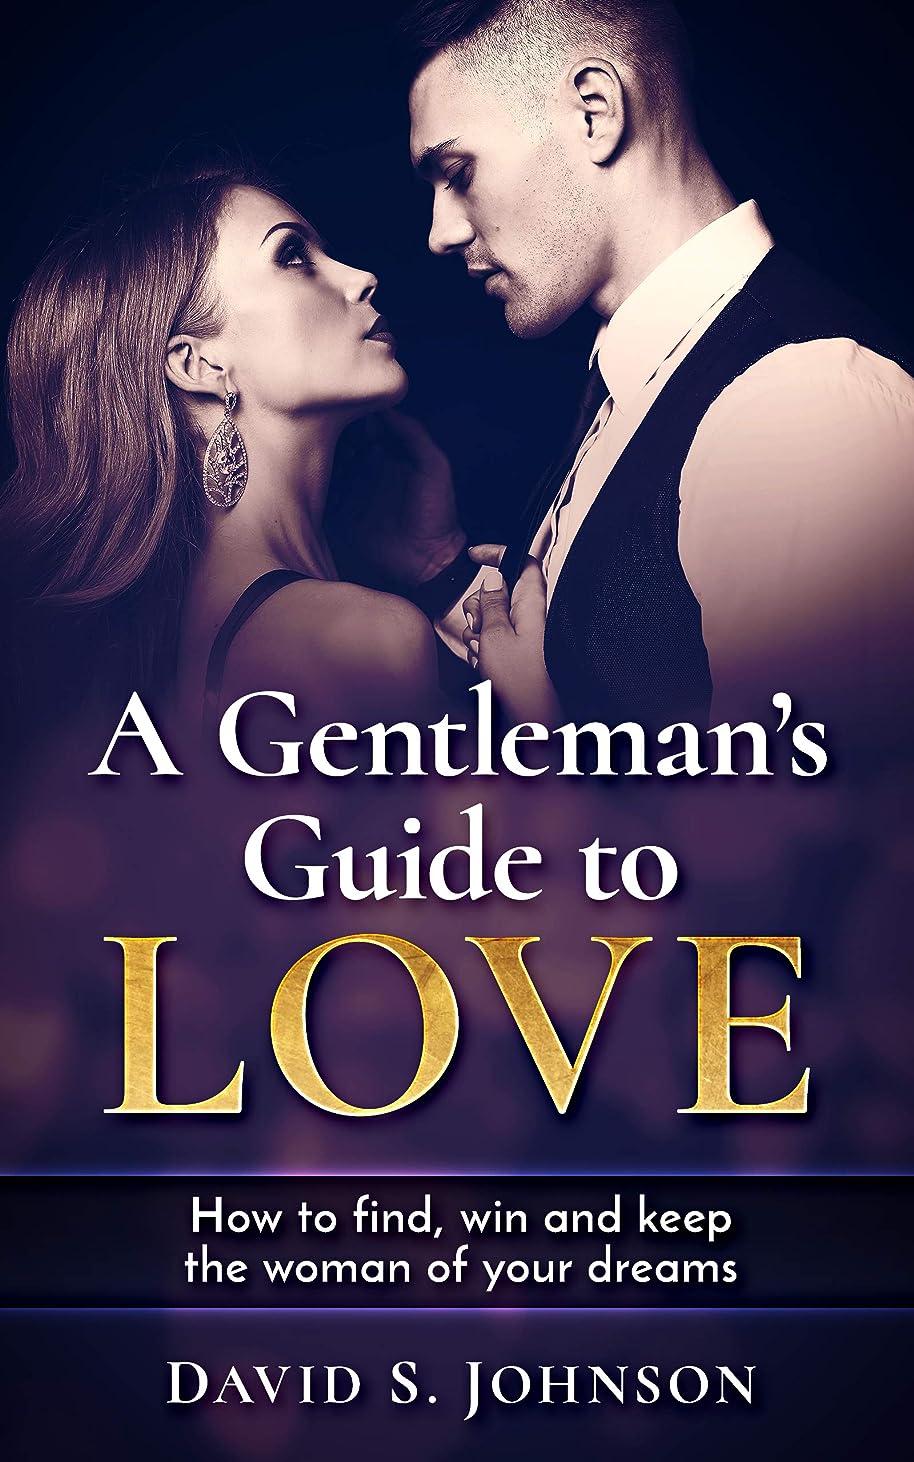 物理的な組み合わせる固有のA Gentleman's Guide To LOVE: How to find, win and keep the woman of your dreams (English Edition)